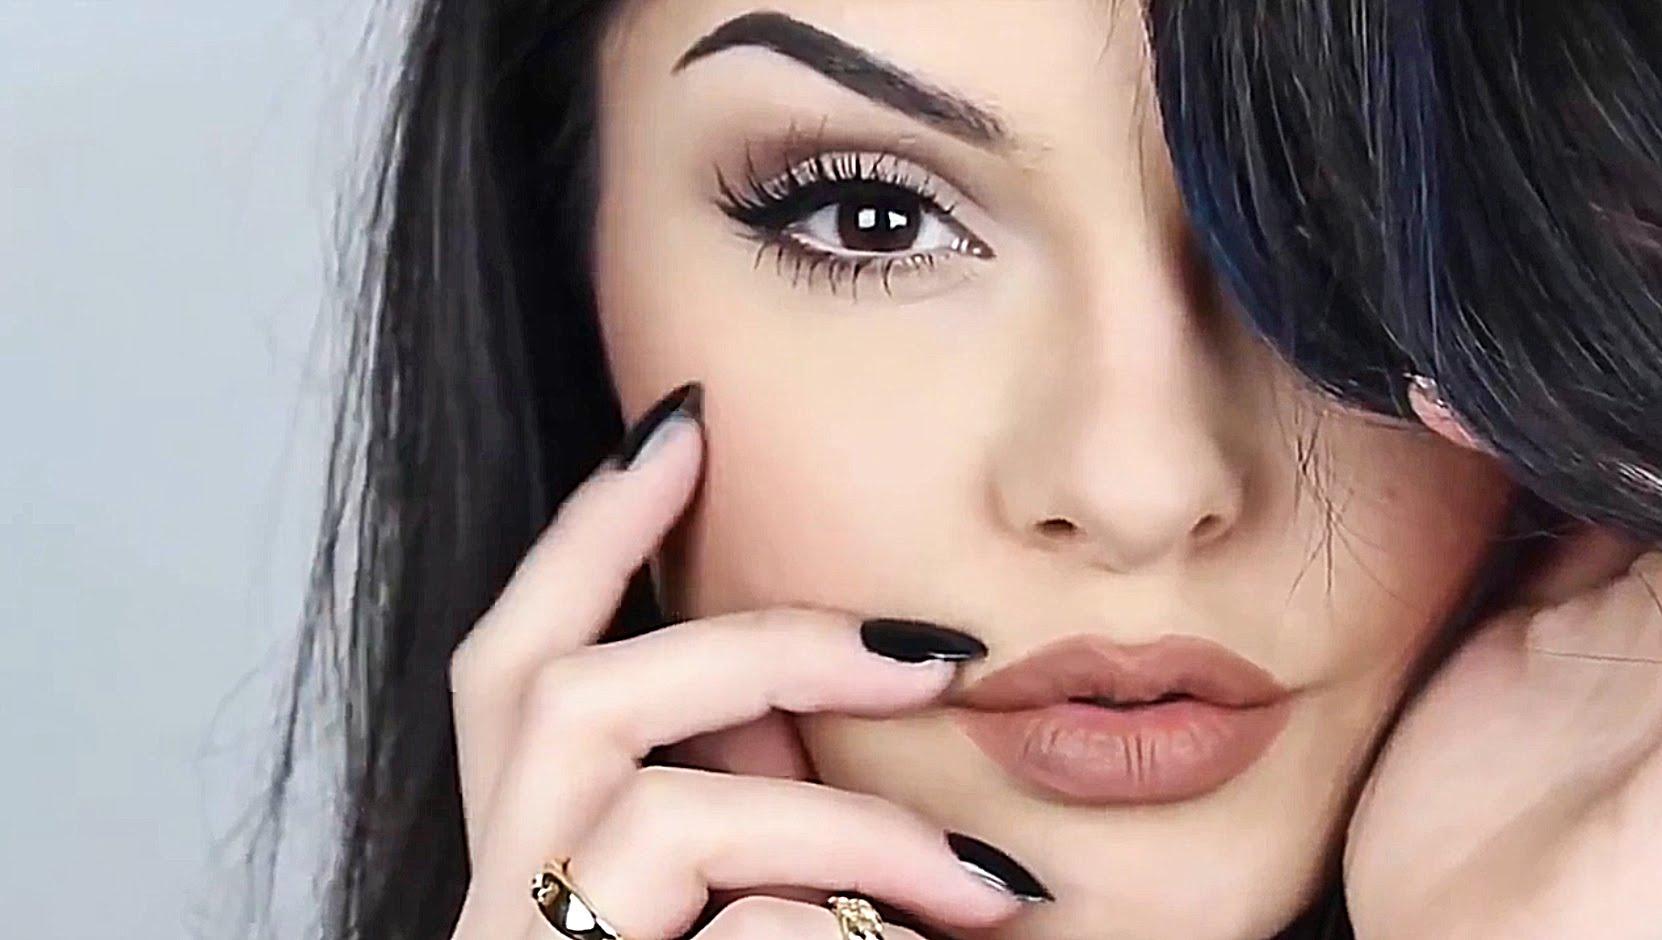 «Звездный» макияж с помощью бюджетной косметики: макияж в стиле Кайли Дженнер